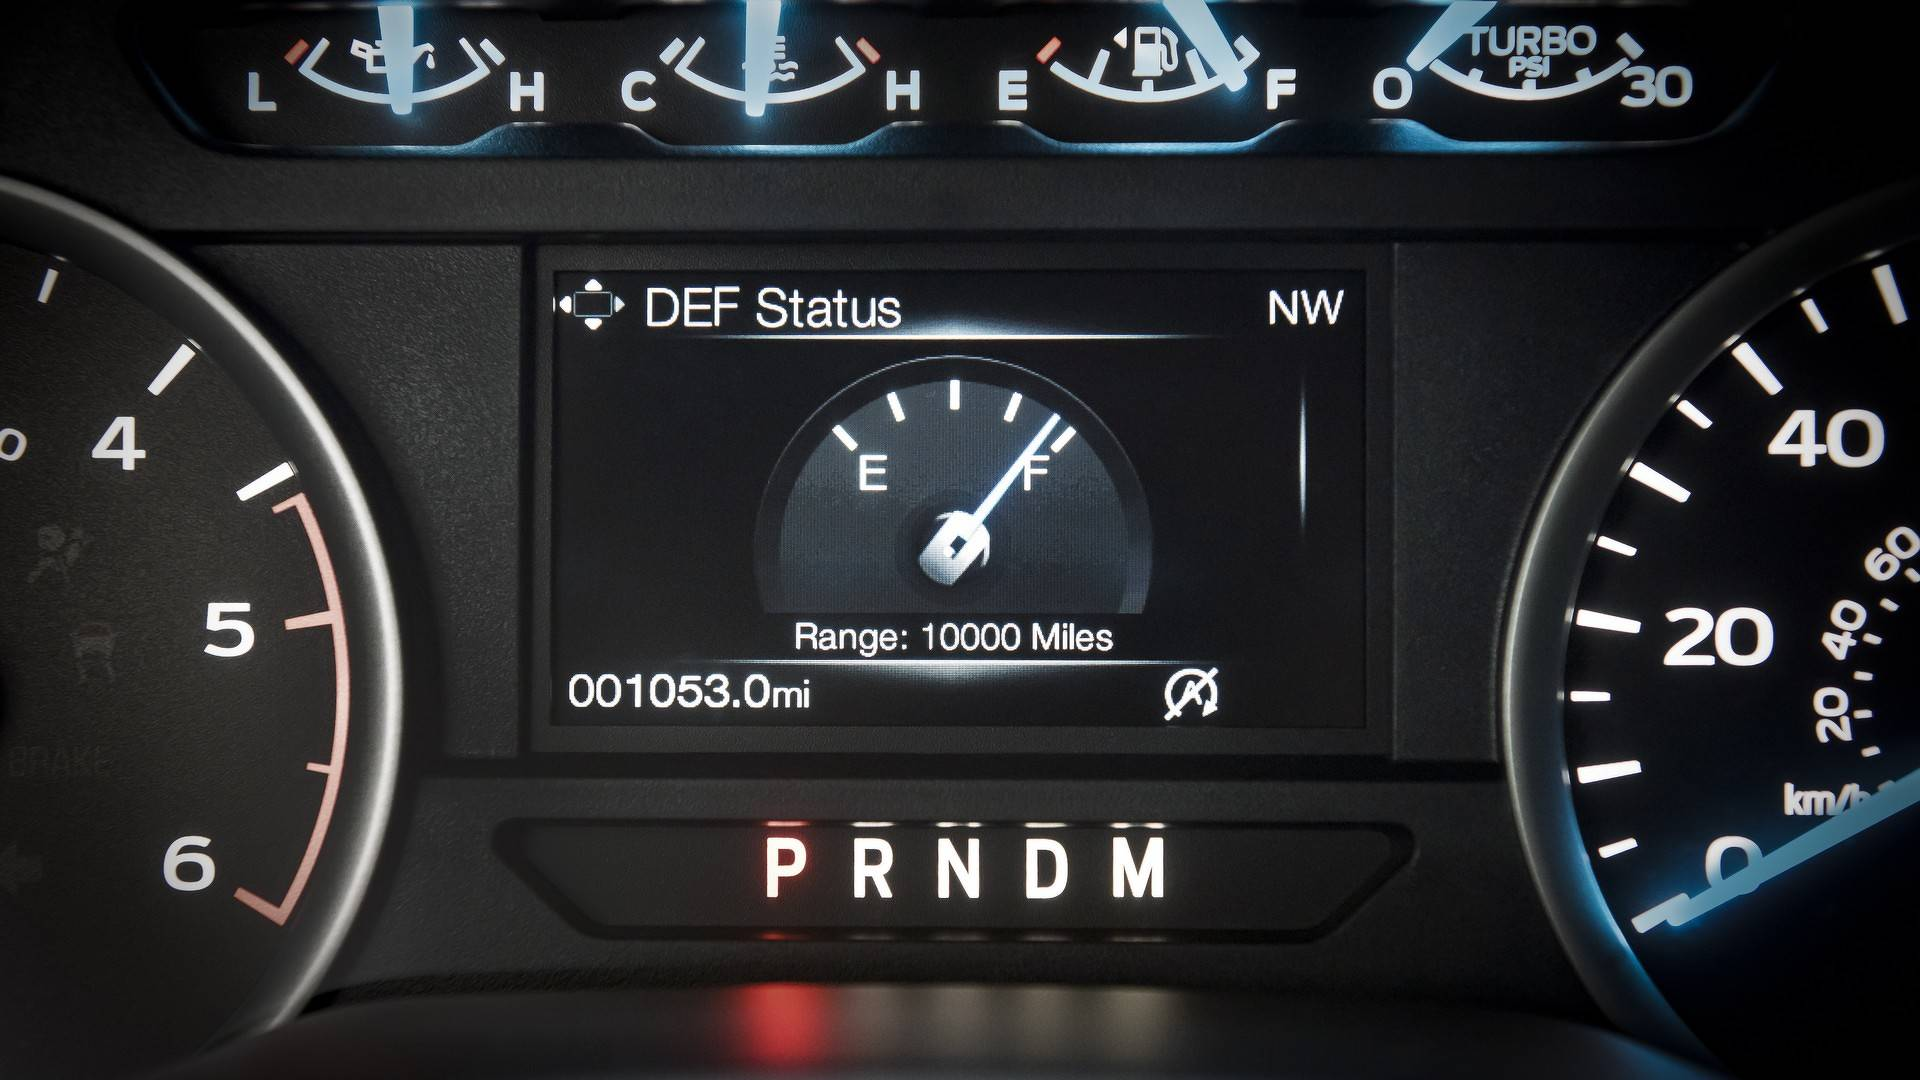 2018 Ford F-150 Power Stroke Diesel Returns 30 MPG Highway